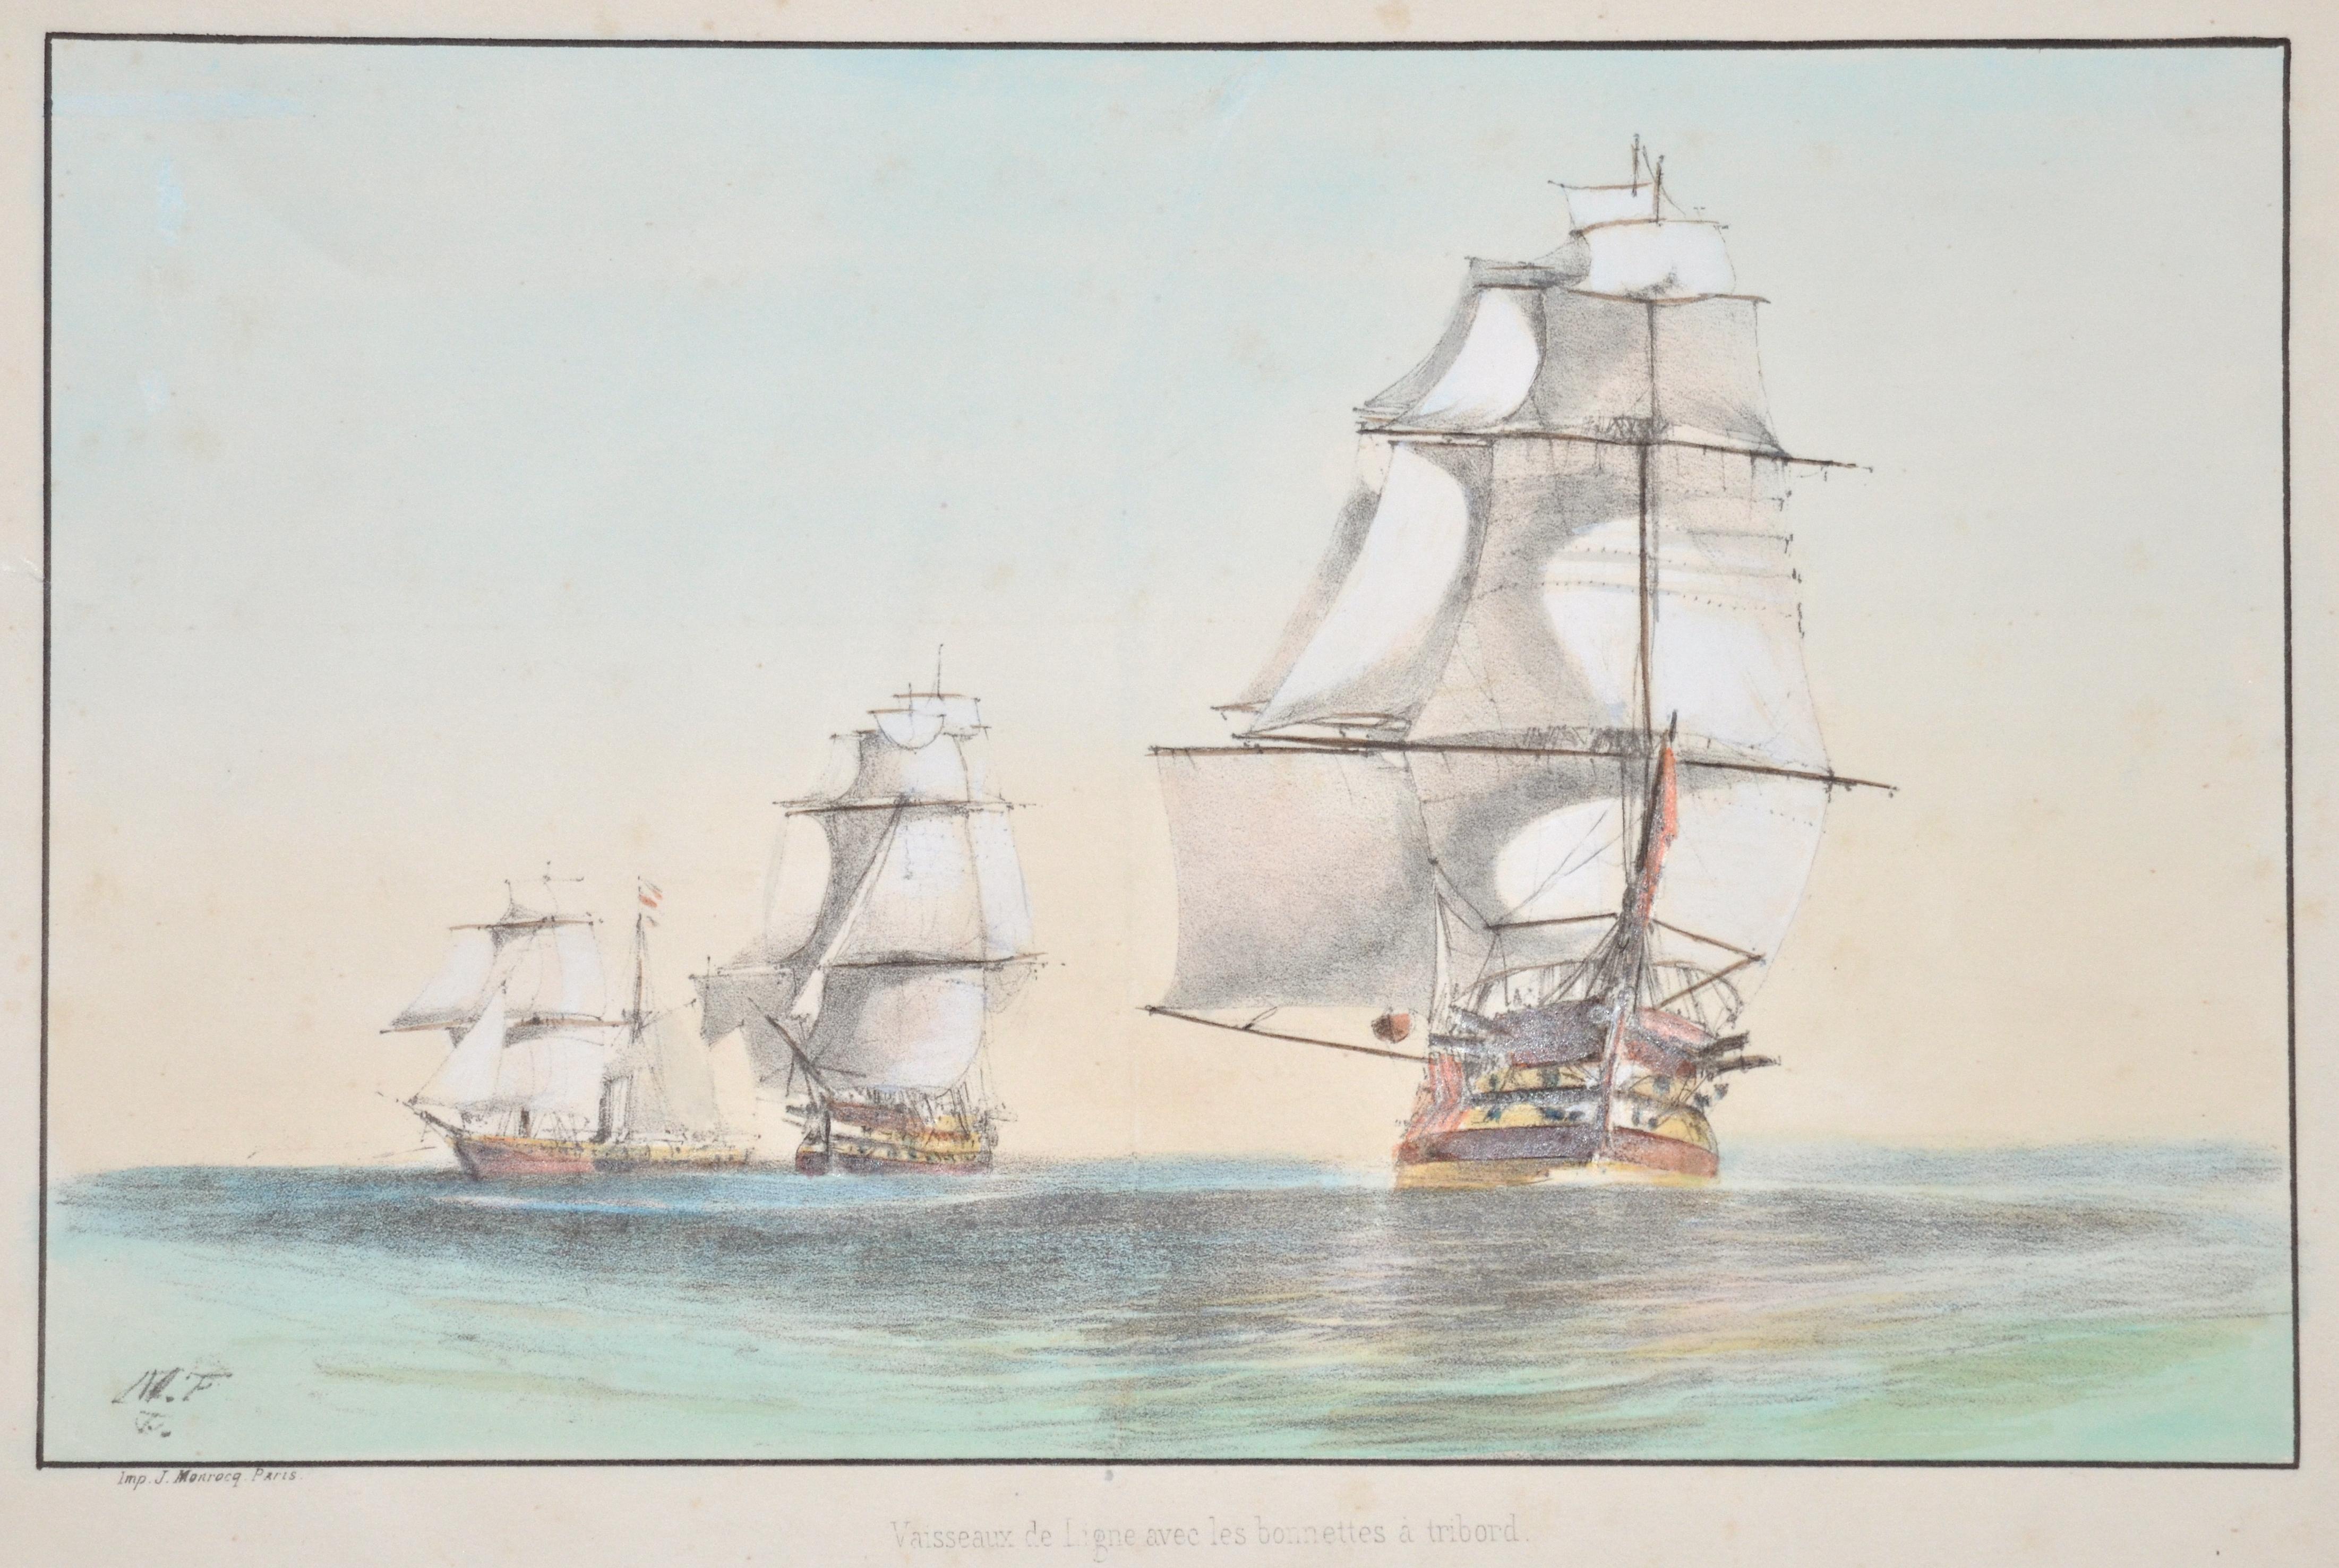 Monrocq  Vaisseaux de Ligne avec les bonnettes à tribord.